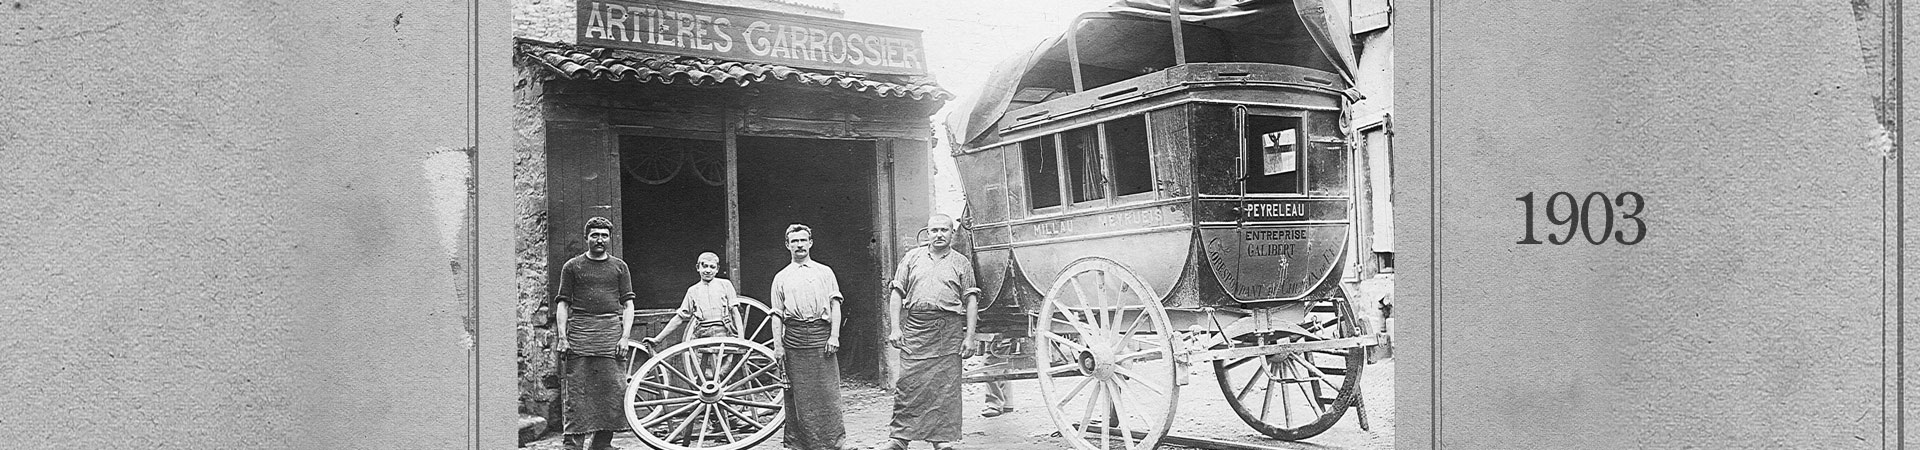 artieres carrosserie entreprise 1903artieres carrosserie entreprise 1903